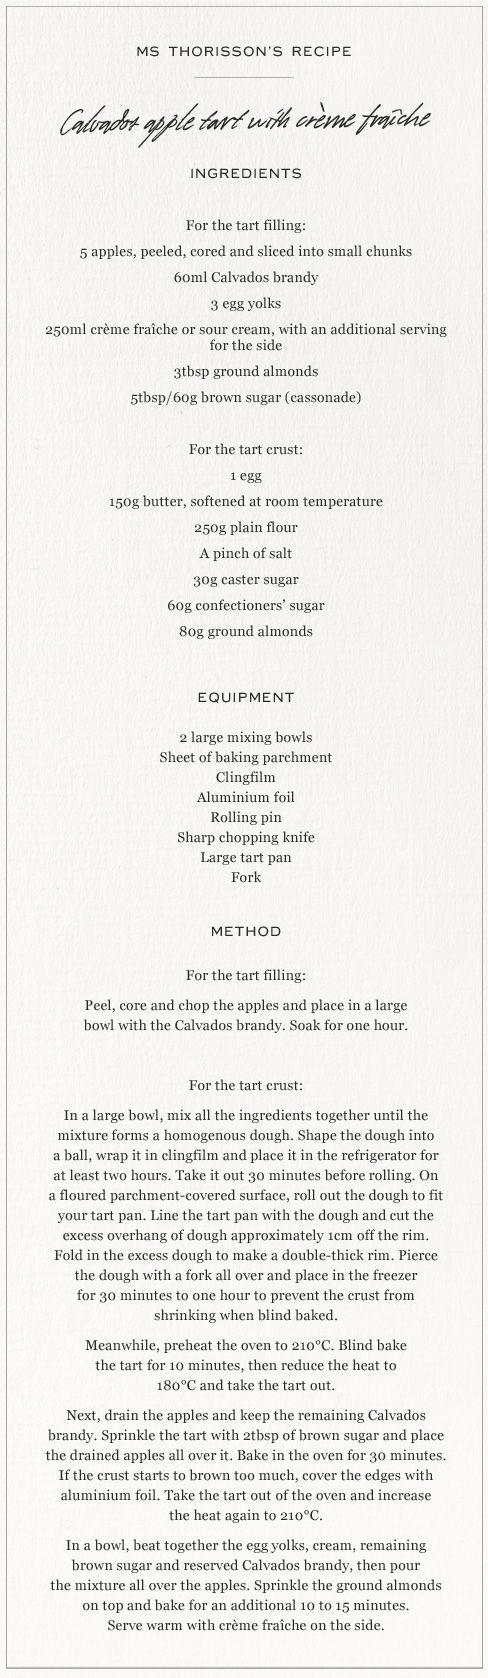 Ms. Mimi Thorisson's recipe for a Calvados Apple Tart with Crème Fraîche (via @MR PORTER)